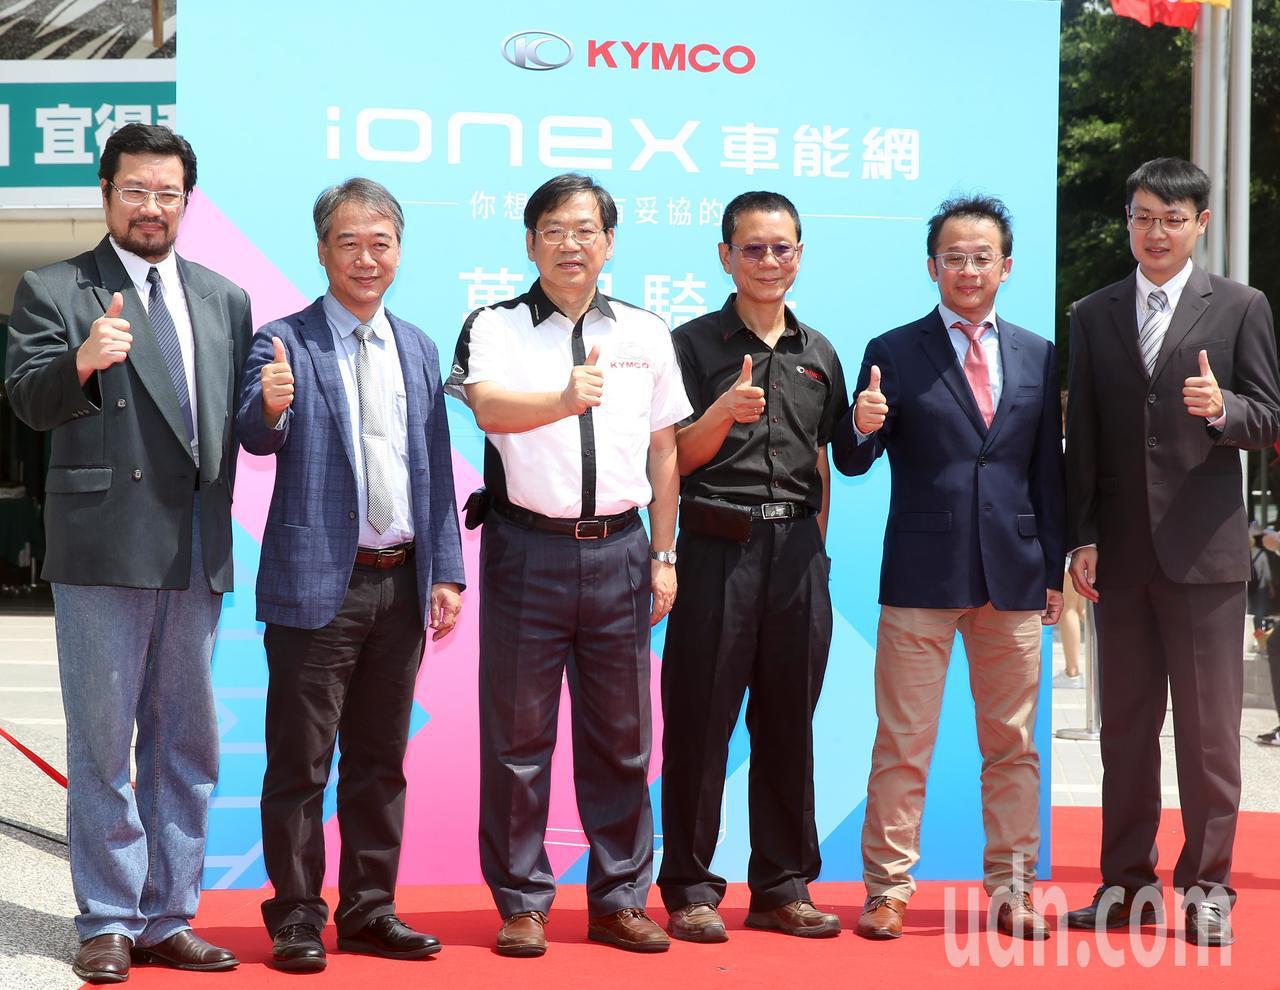 「2018 KYMCO Ionex 車能網新車預購方案說明會」上午舉行,光陽工業...